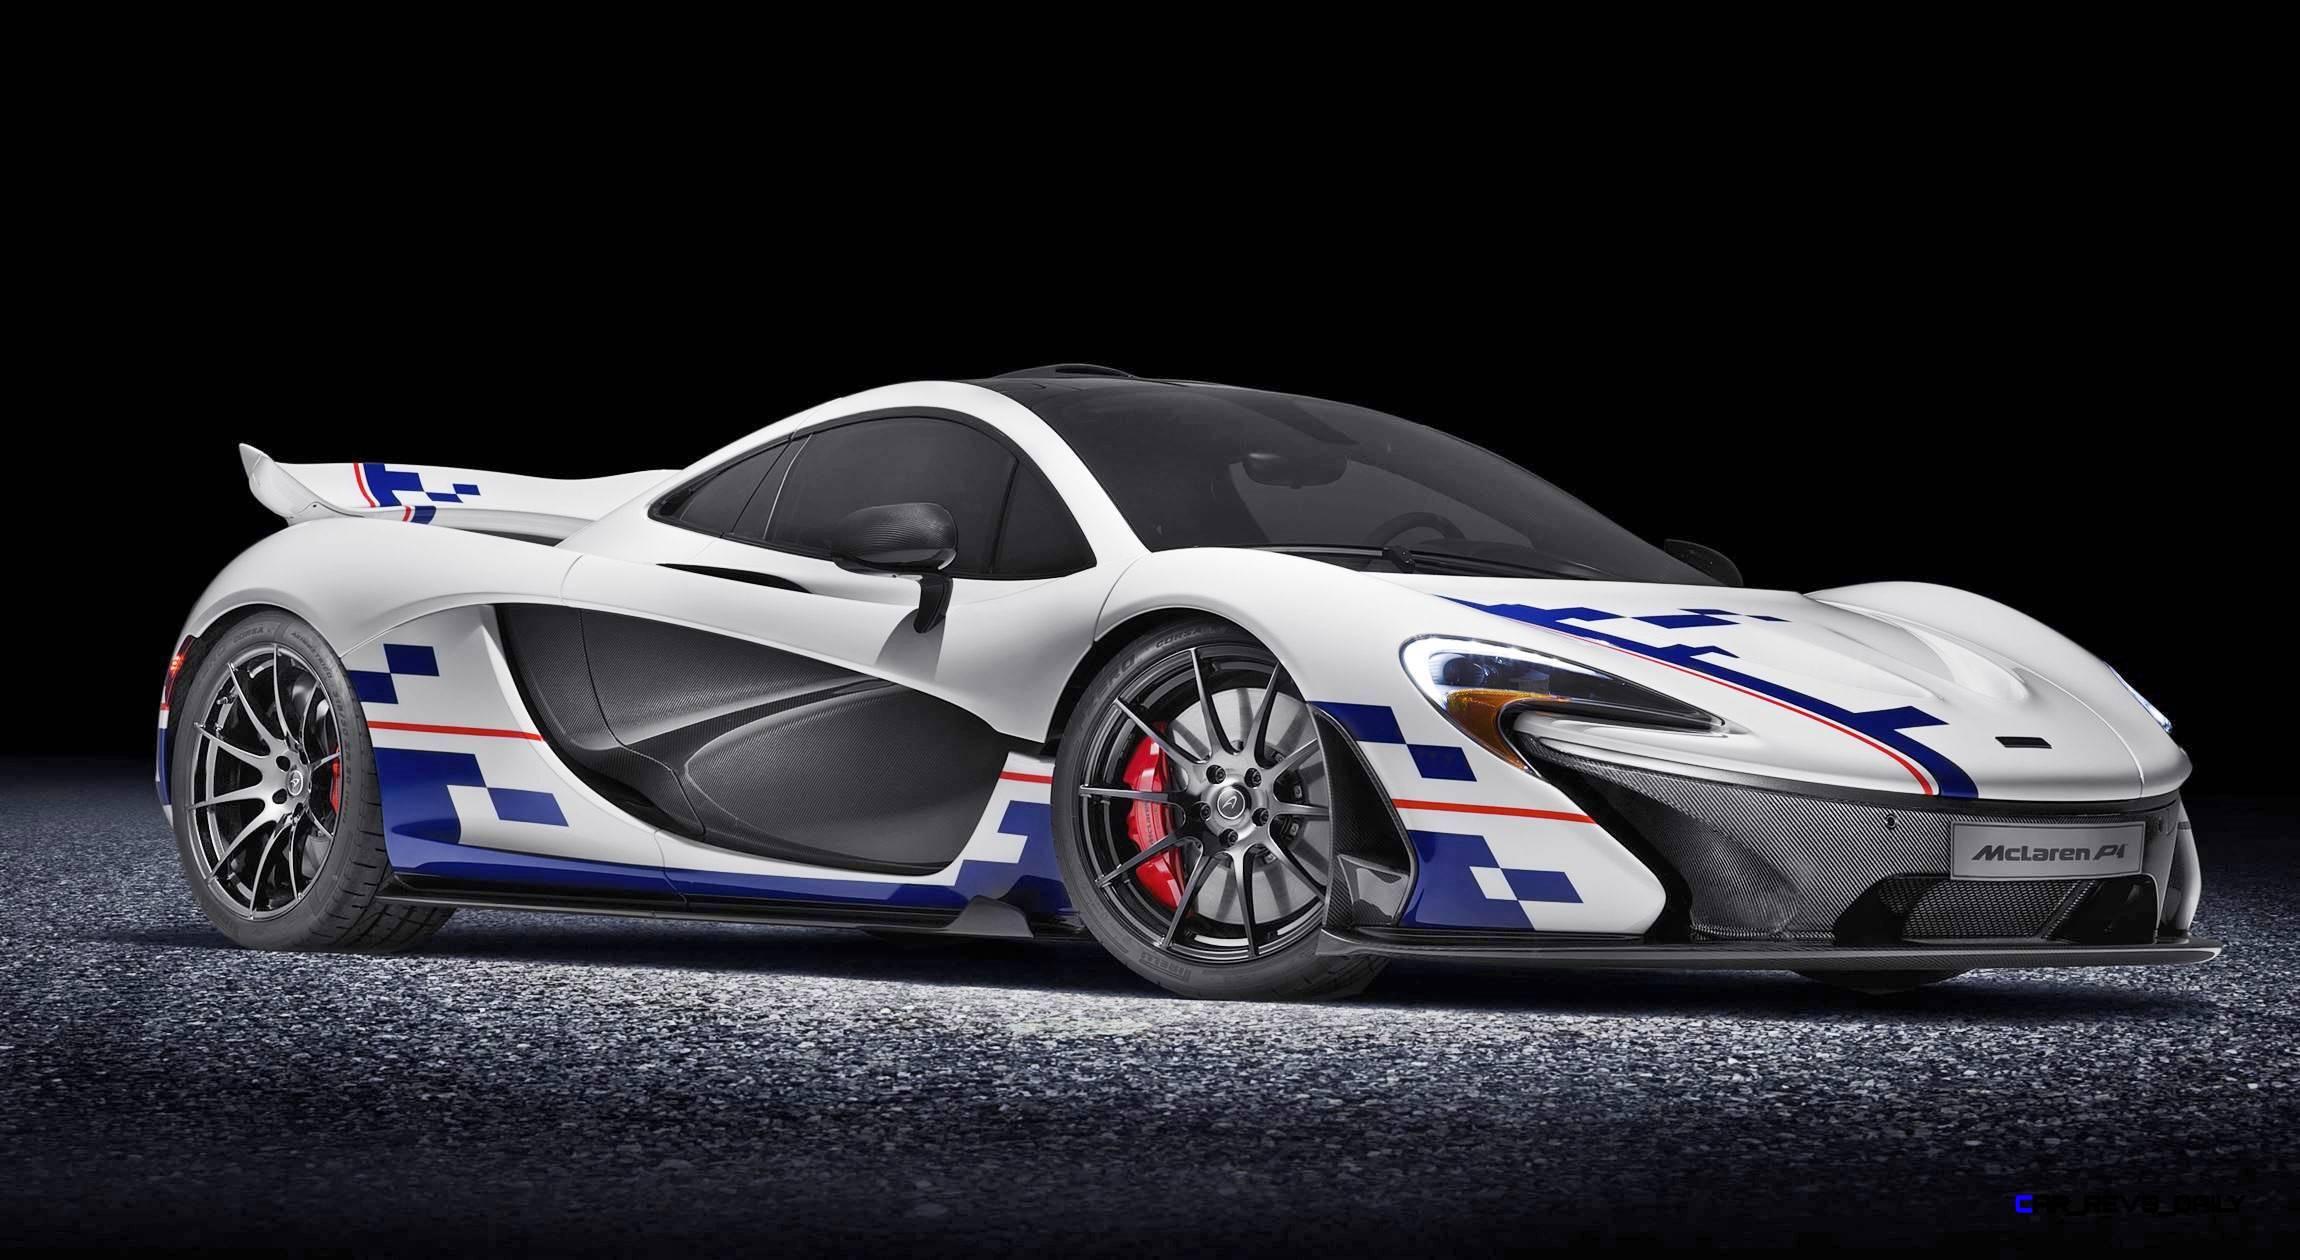 http://www.car-revs-daily.com/wp-content/uploads/2015/06/2015-McLaren-P1-Prost-1.jpg